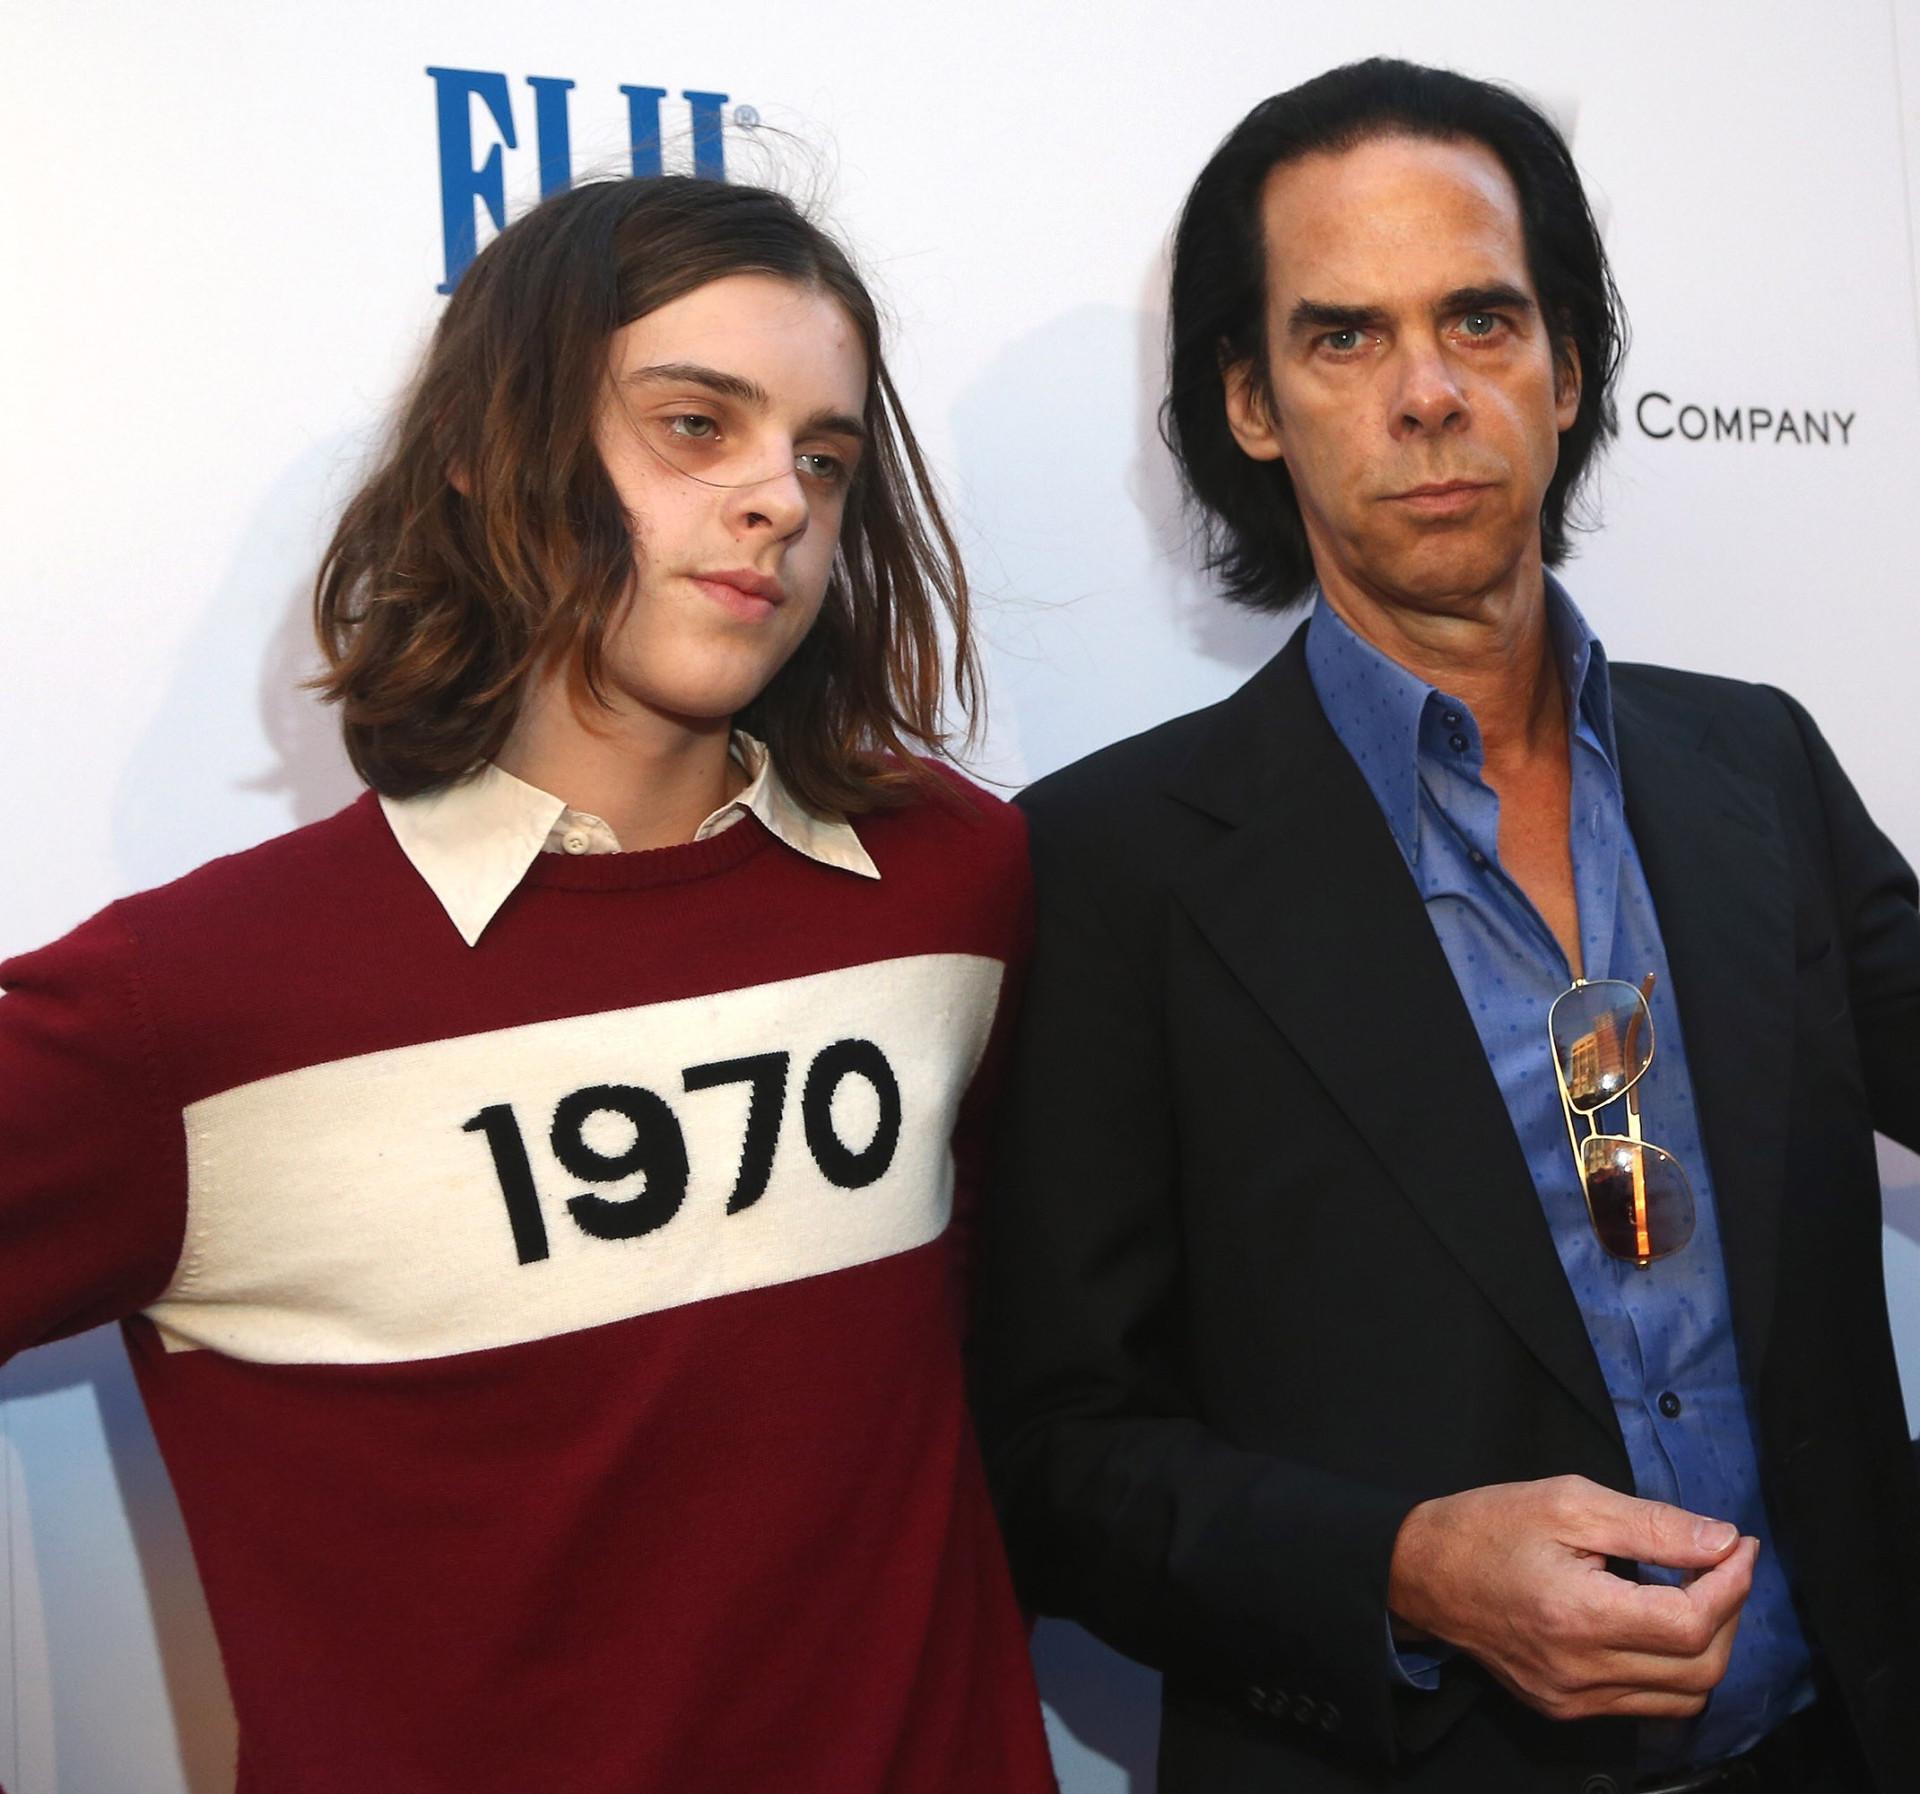 Os filhos dos famosos que são iguais aos pais